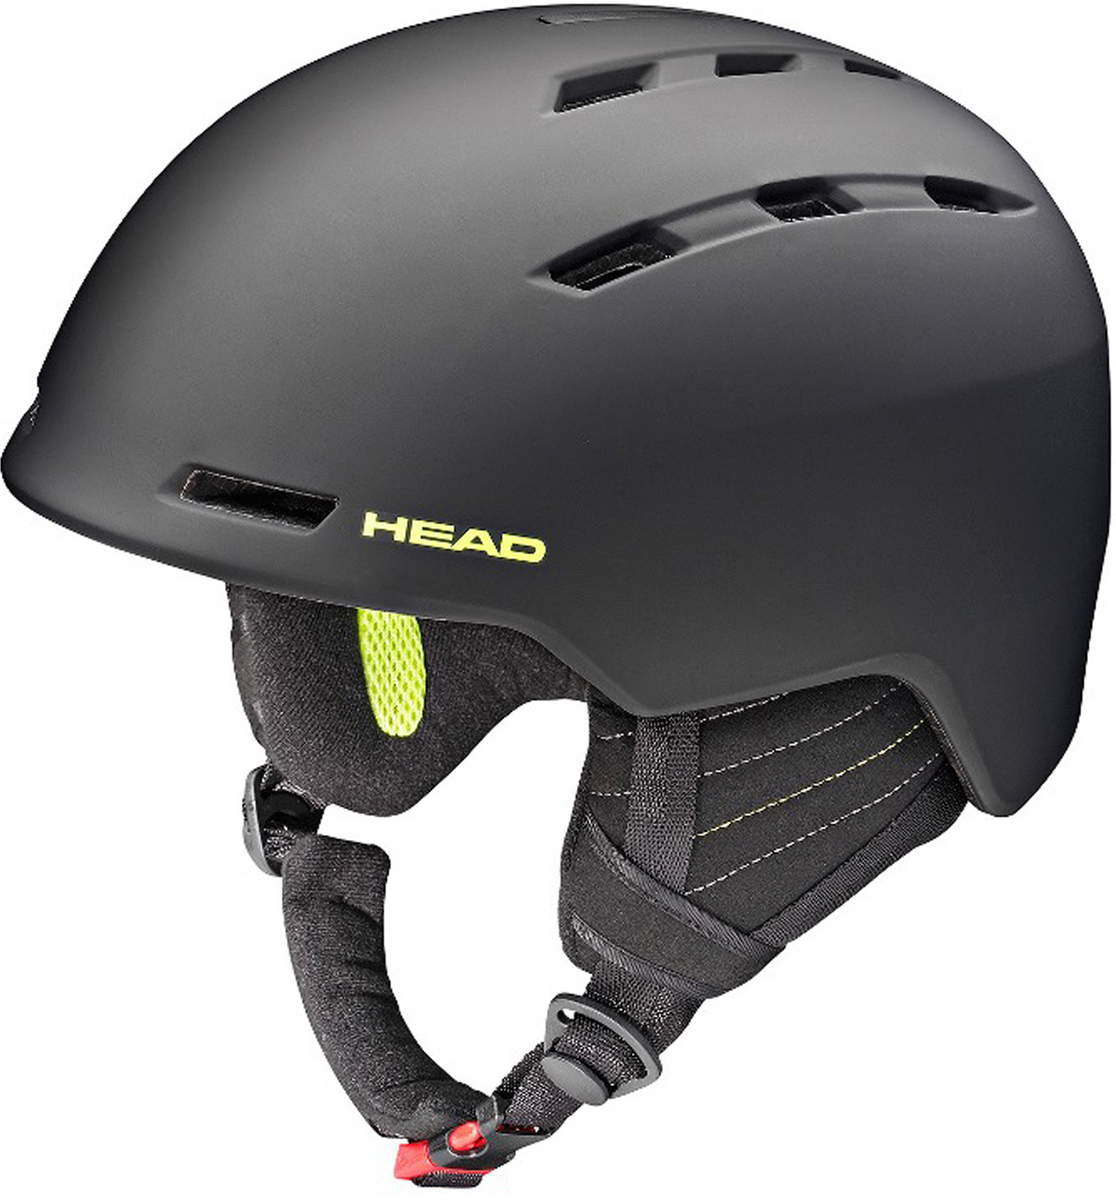 Шлем для горных лыж и сноуборда HEAD Vico. Размер XL/XXL (60-63)324557 (XL/XXL)Бестселлер в коллекции HEAD - шлем для горных лыж и сноуборда Vico. Его отличительная особенность- экстремально малый вес и супер удобная посадка на голове. Построена по ужеизвестной технологии горячей прессовки, имеет отличную вентиляцию попериметру и вентиляцию маски.Особенности:- Облегченный ABS,- Вентиляция Thermal,- Вентиляция маски,- Подкладка из микрофлиса,- Регулировка размера HEAD 3D Fit,- Эргономический воротник с регулировкой положения на шлеме,- Сертификат CE EN 1077:2007 Class B,- Вес: m/l 420 г.Что взять с собой на горнолыжную прогулку: рассказывают эксперты. Статья OZON Гид